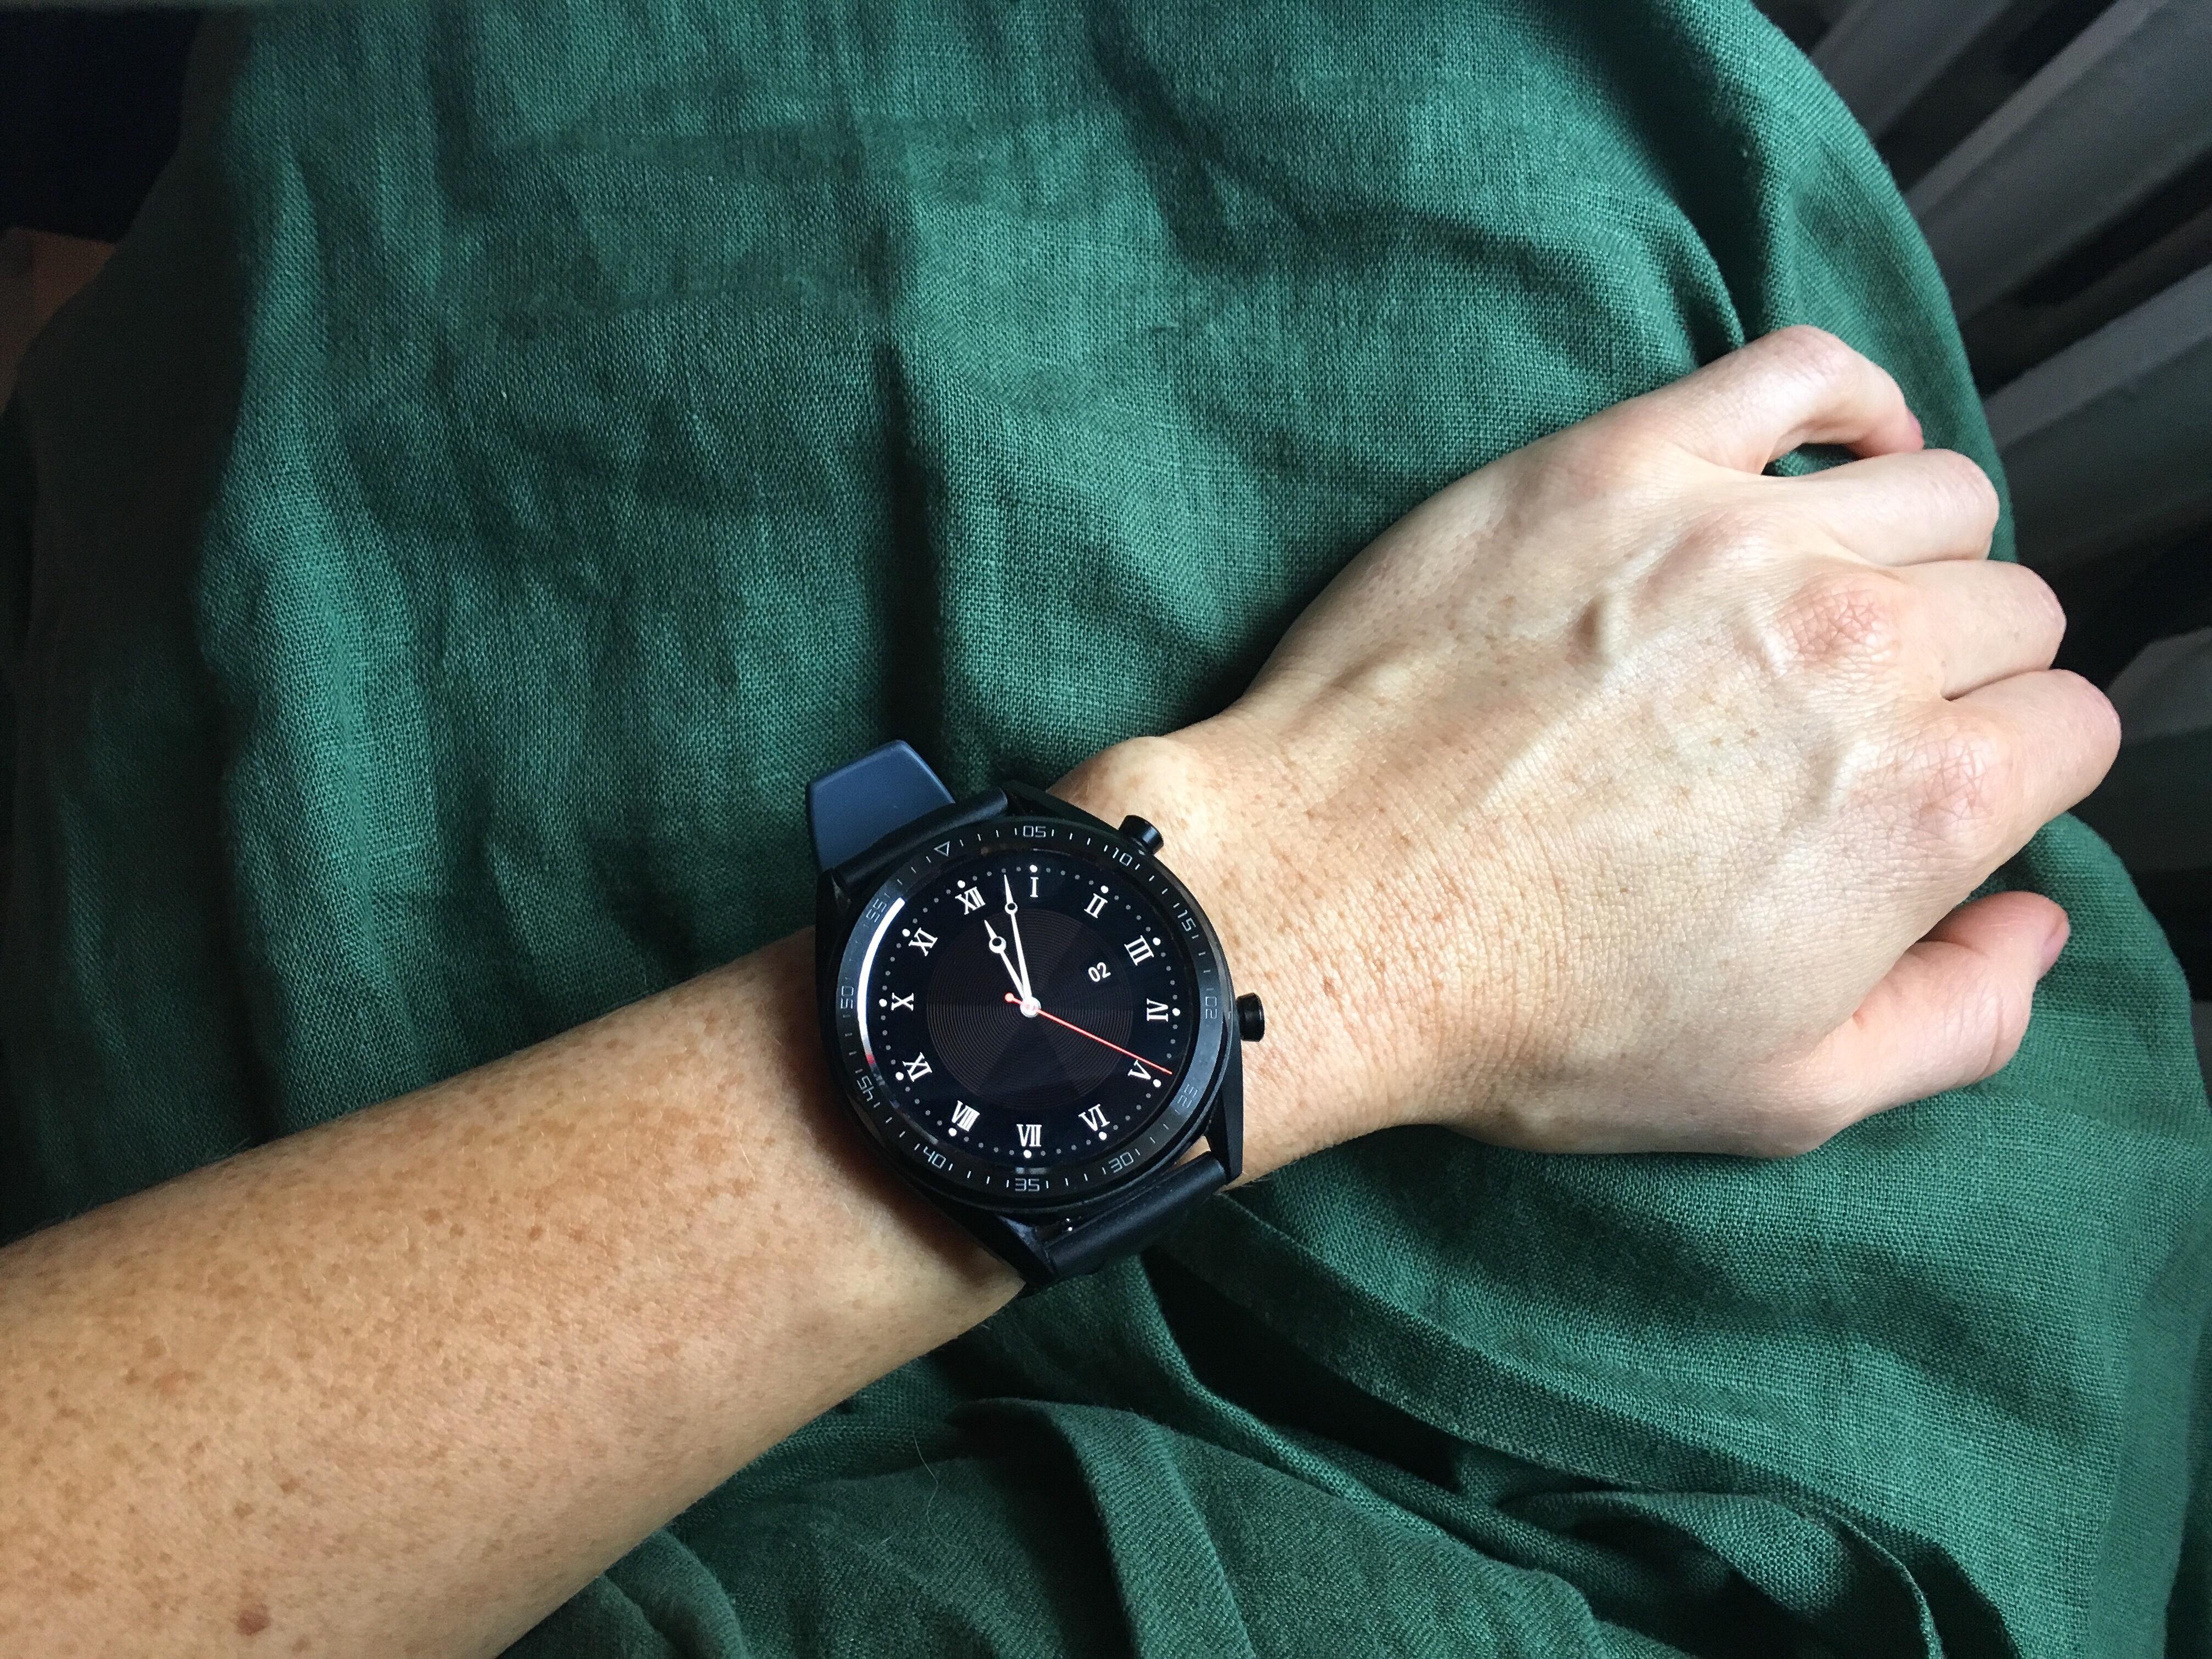 Тик-так: время умных часов ушло, но теперь ими притворяются браслеты